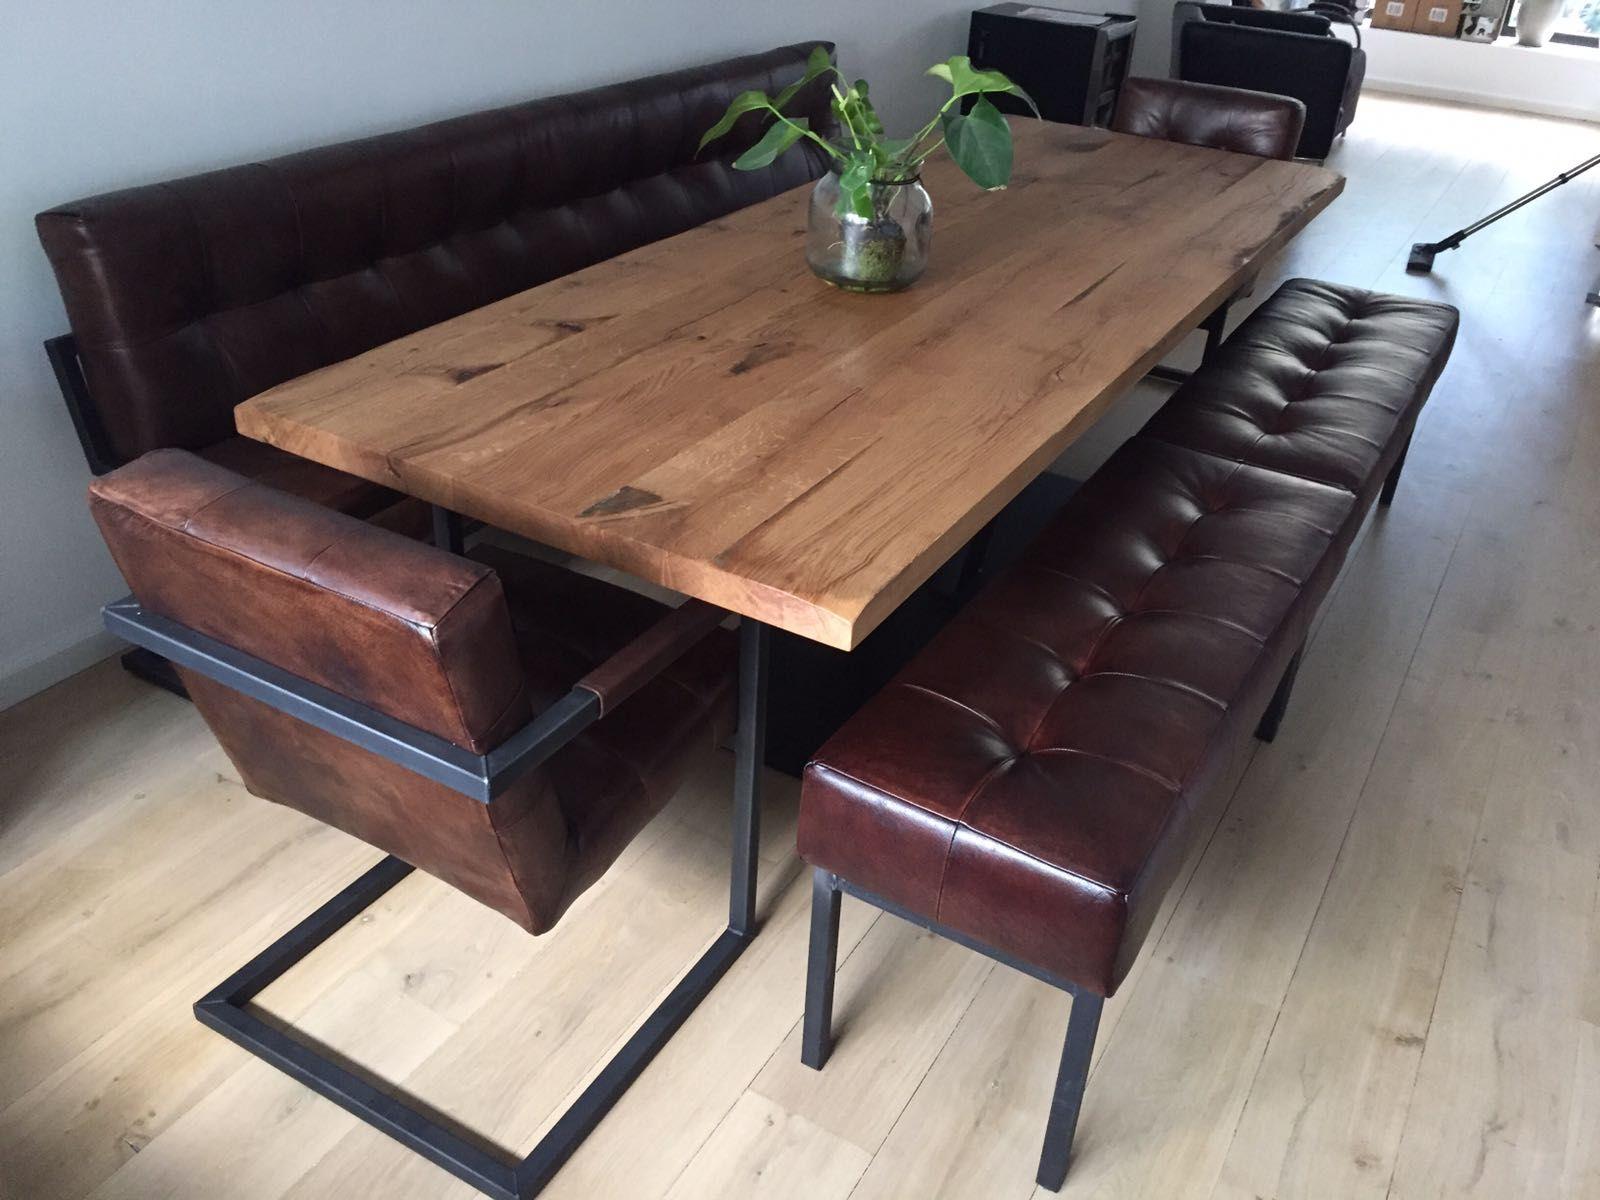 Mooie eetkamerset met tafel stoel en bijpassende bankjes wil jij